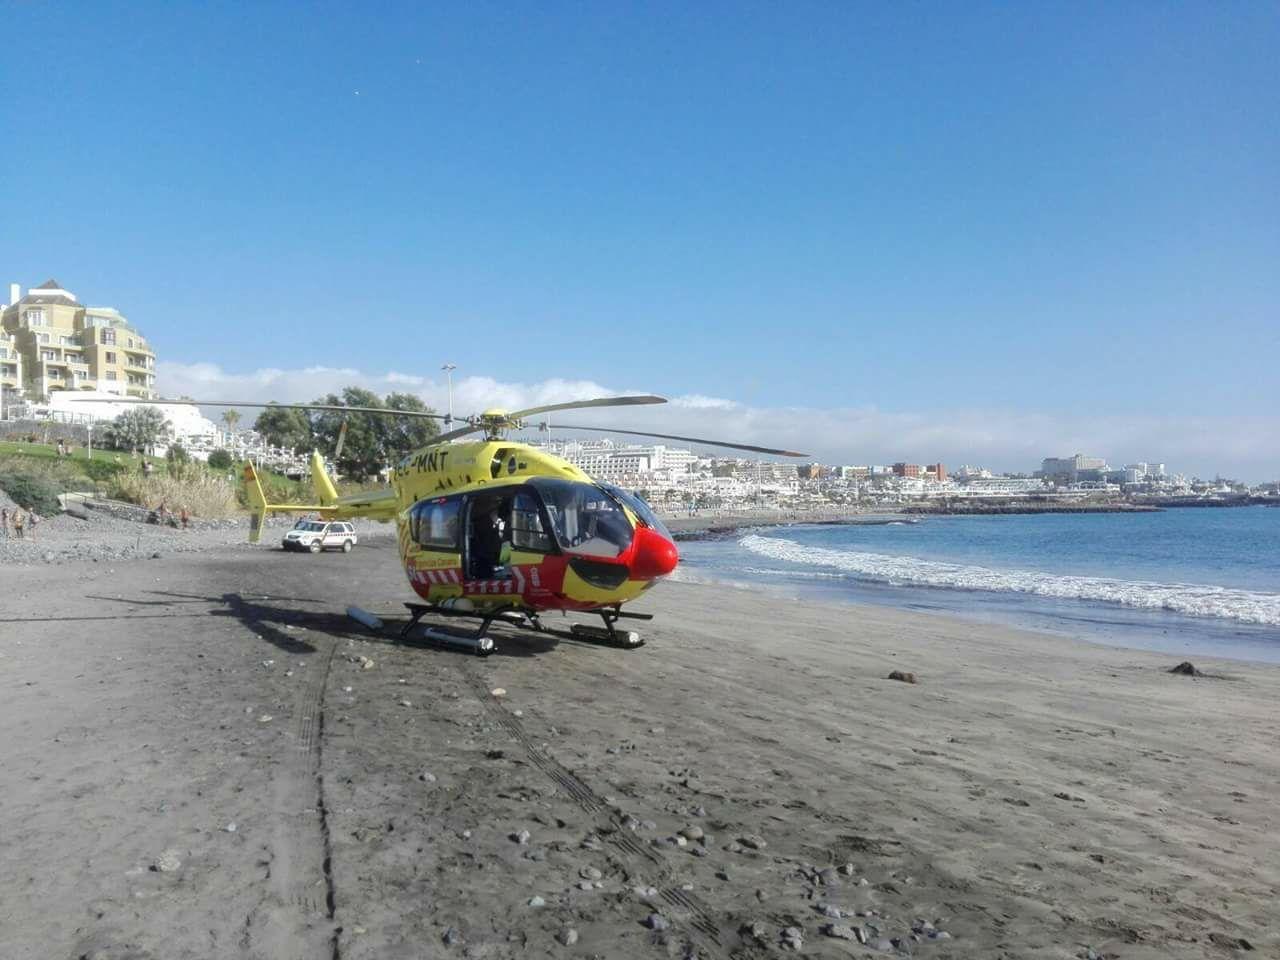 Helicóptero en la Playa de Fañabé | DA